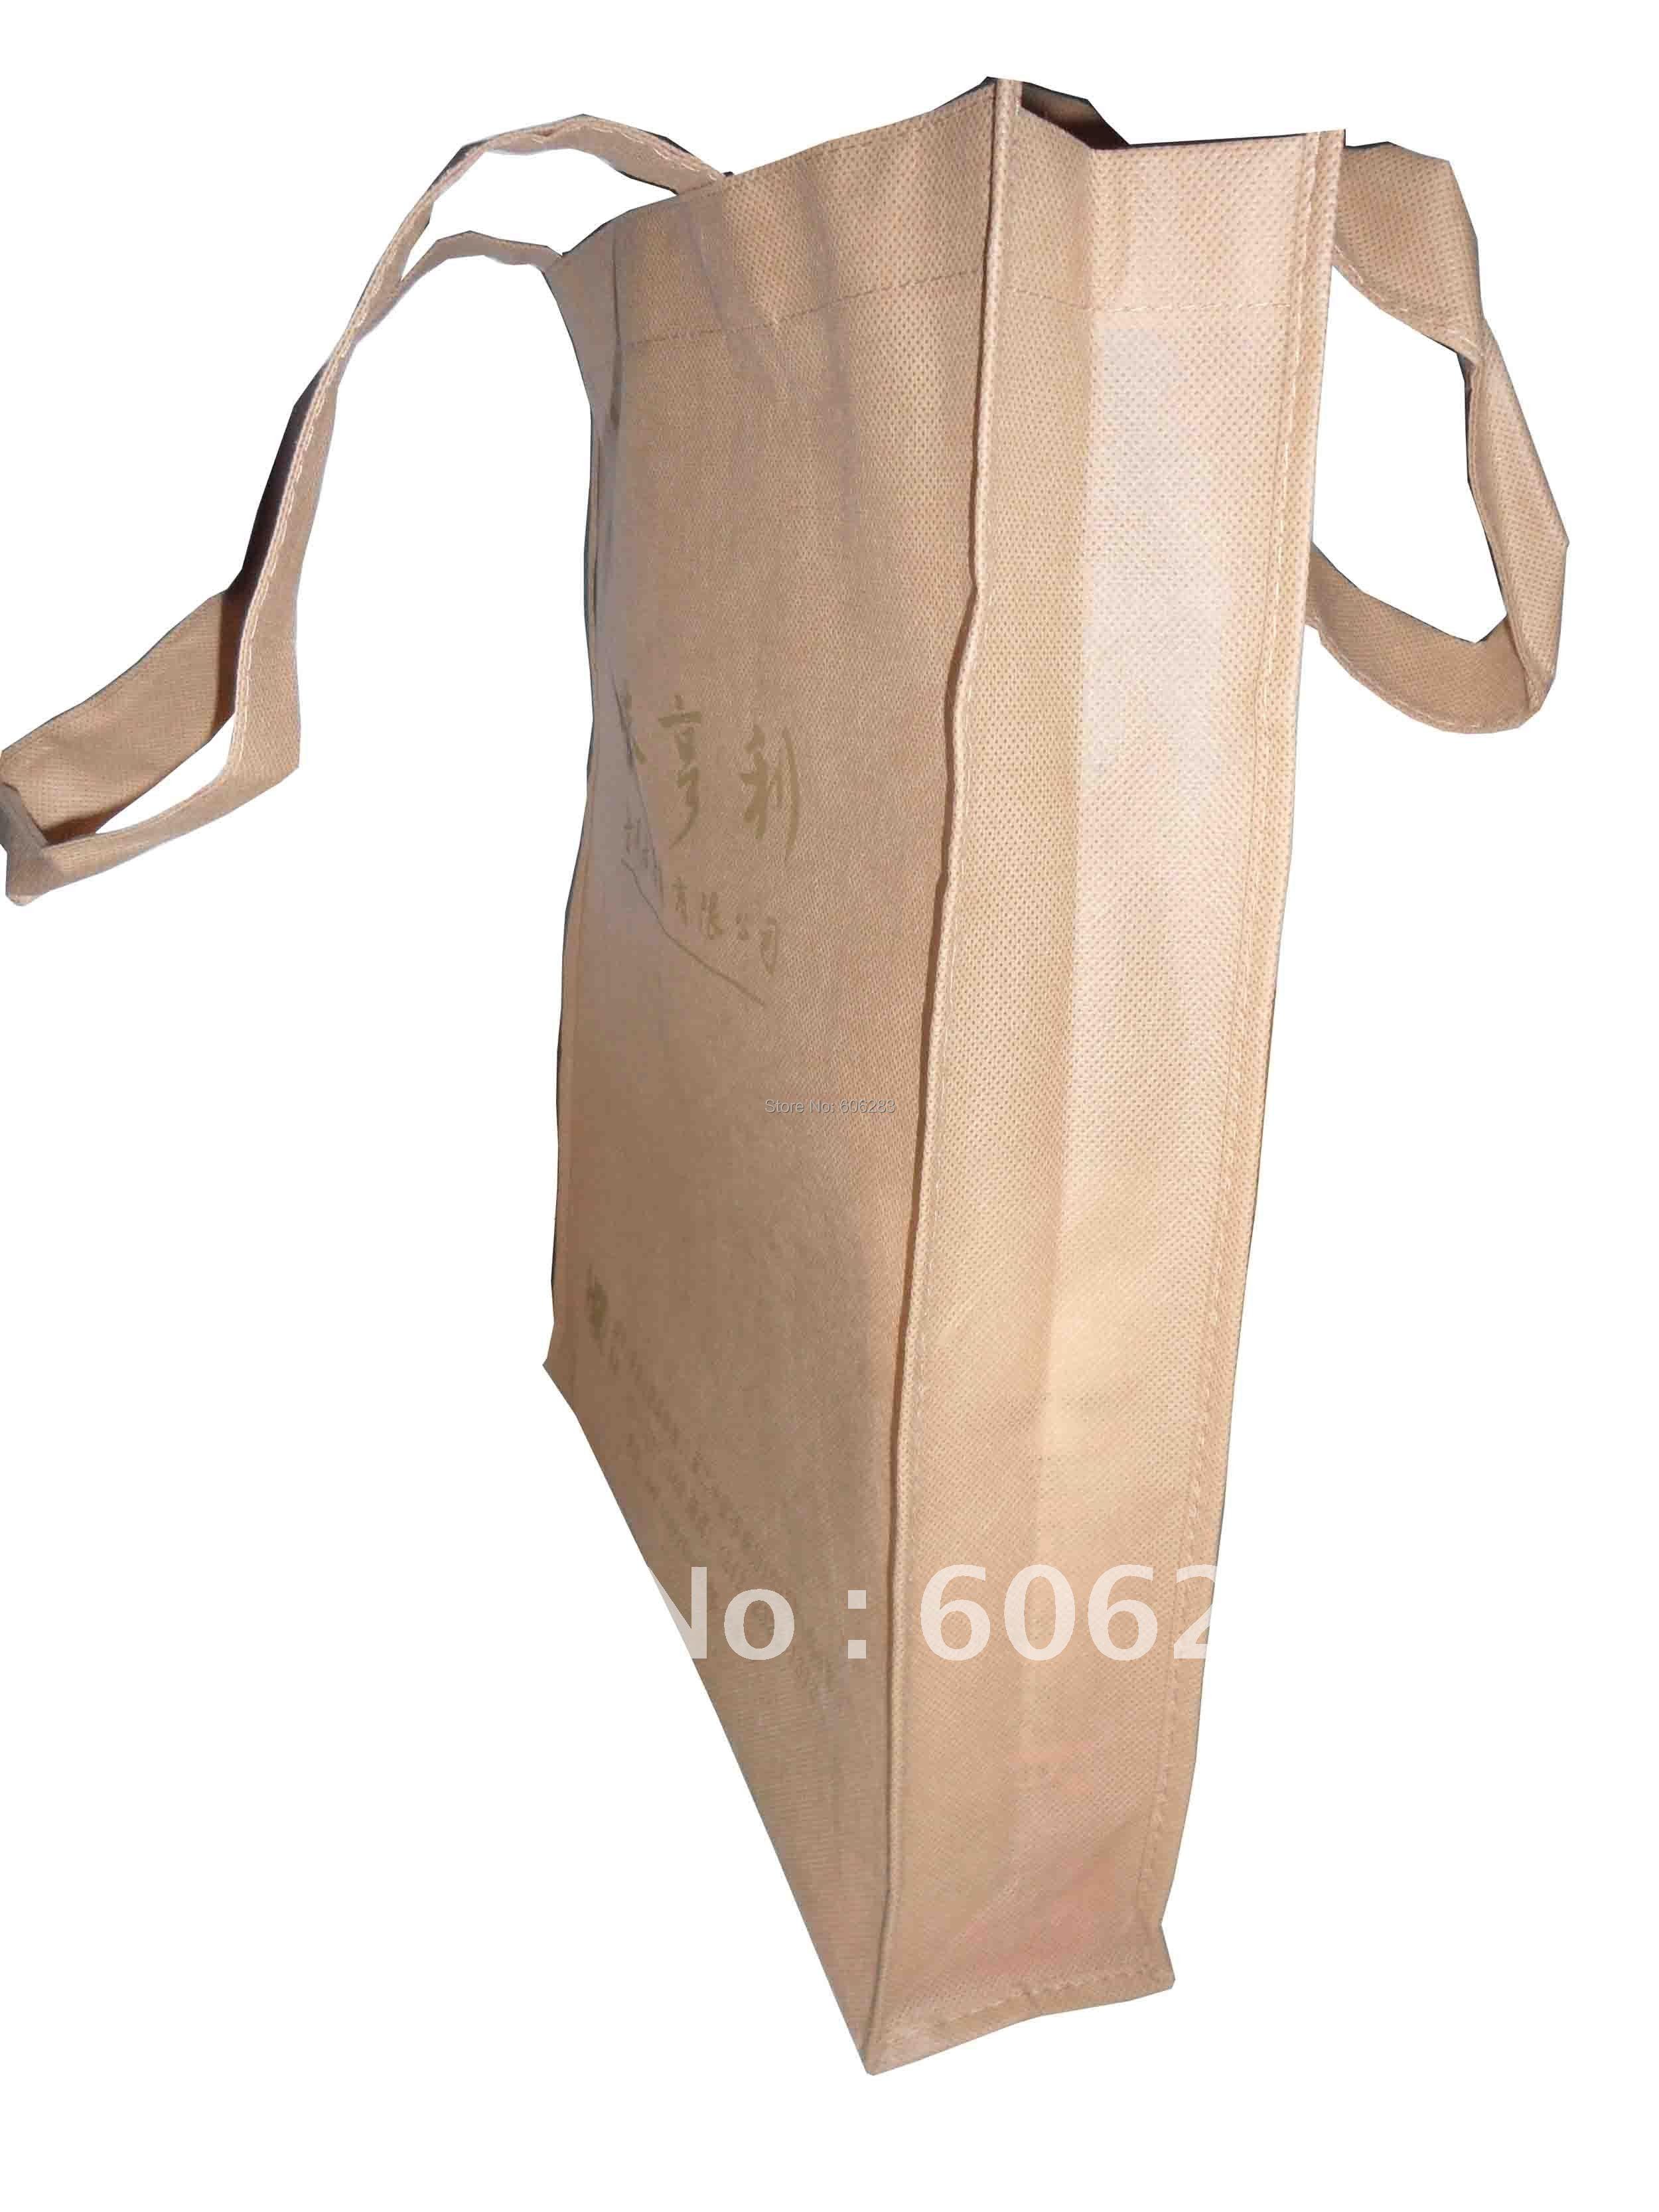 30*35*8 см супермаркет хозяйственная сумка, хозяйственная сумка с собственным логотипом собственного размера